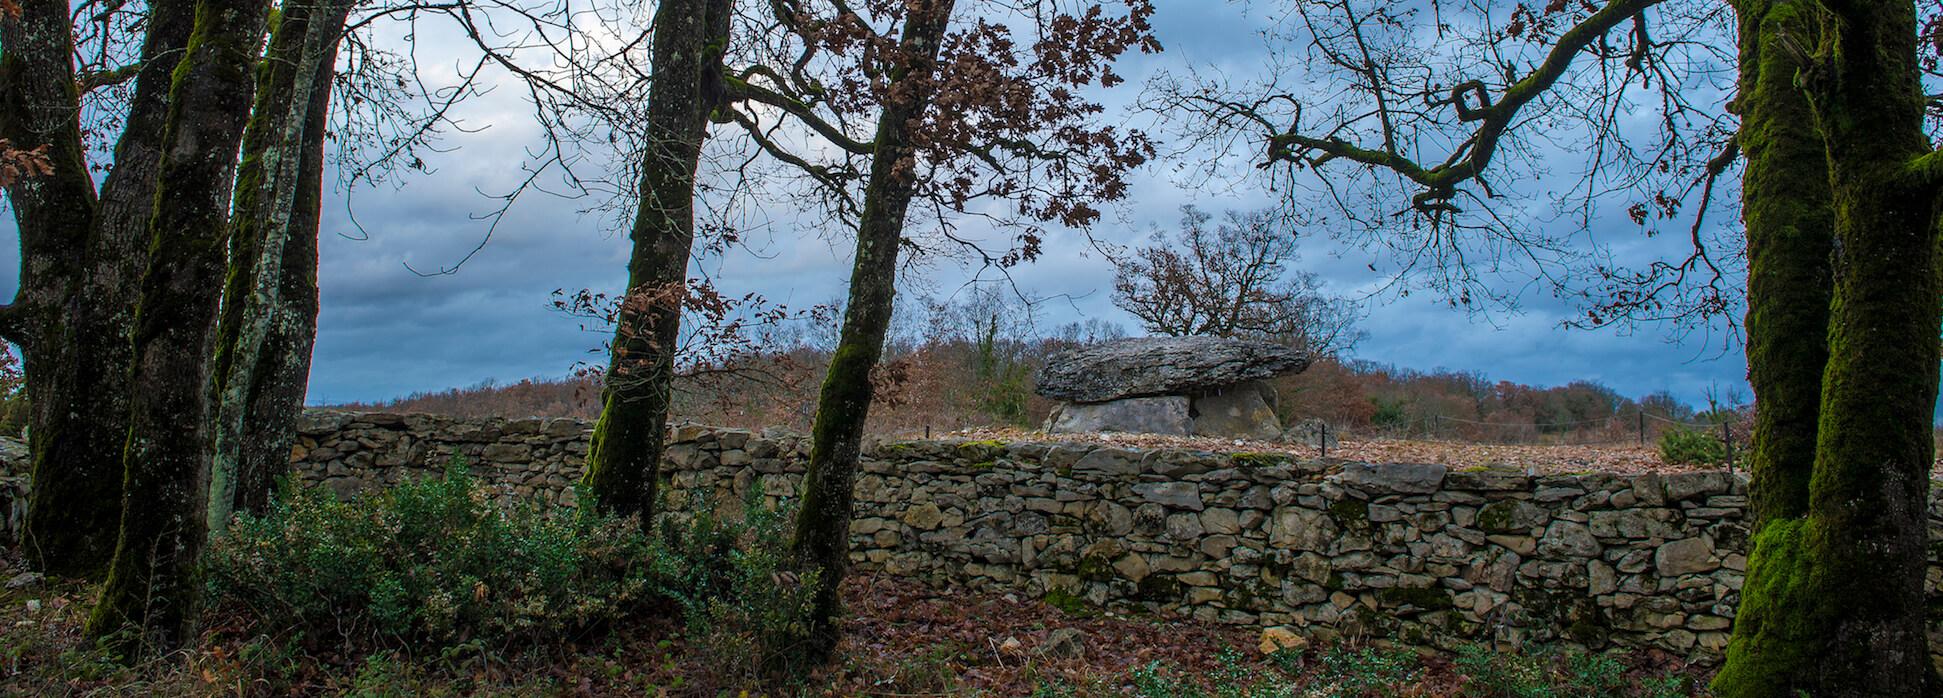 Dolmen de Pech Laglaire 2©ACIR / JJ Gelbart